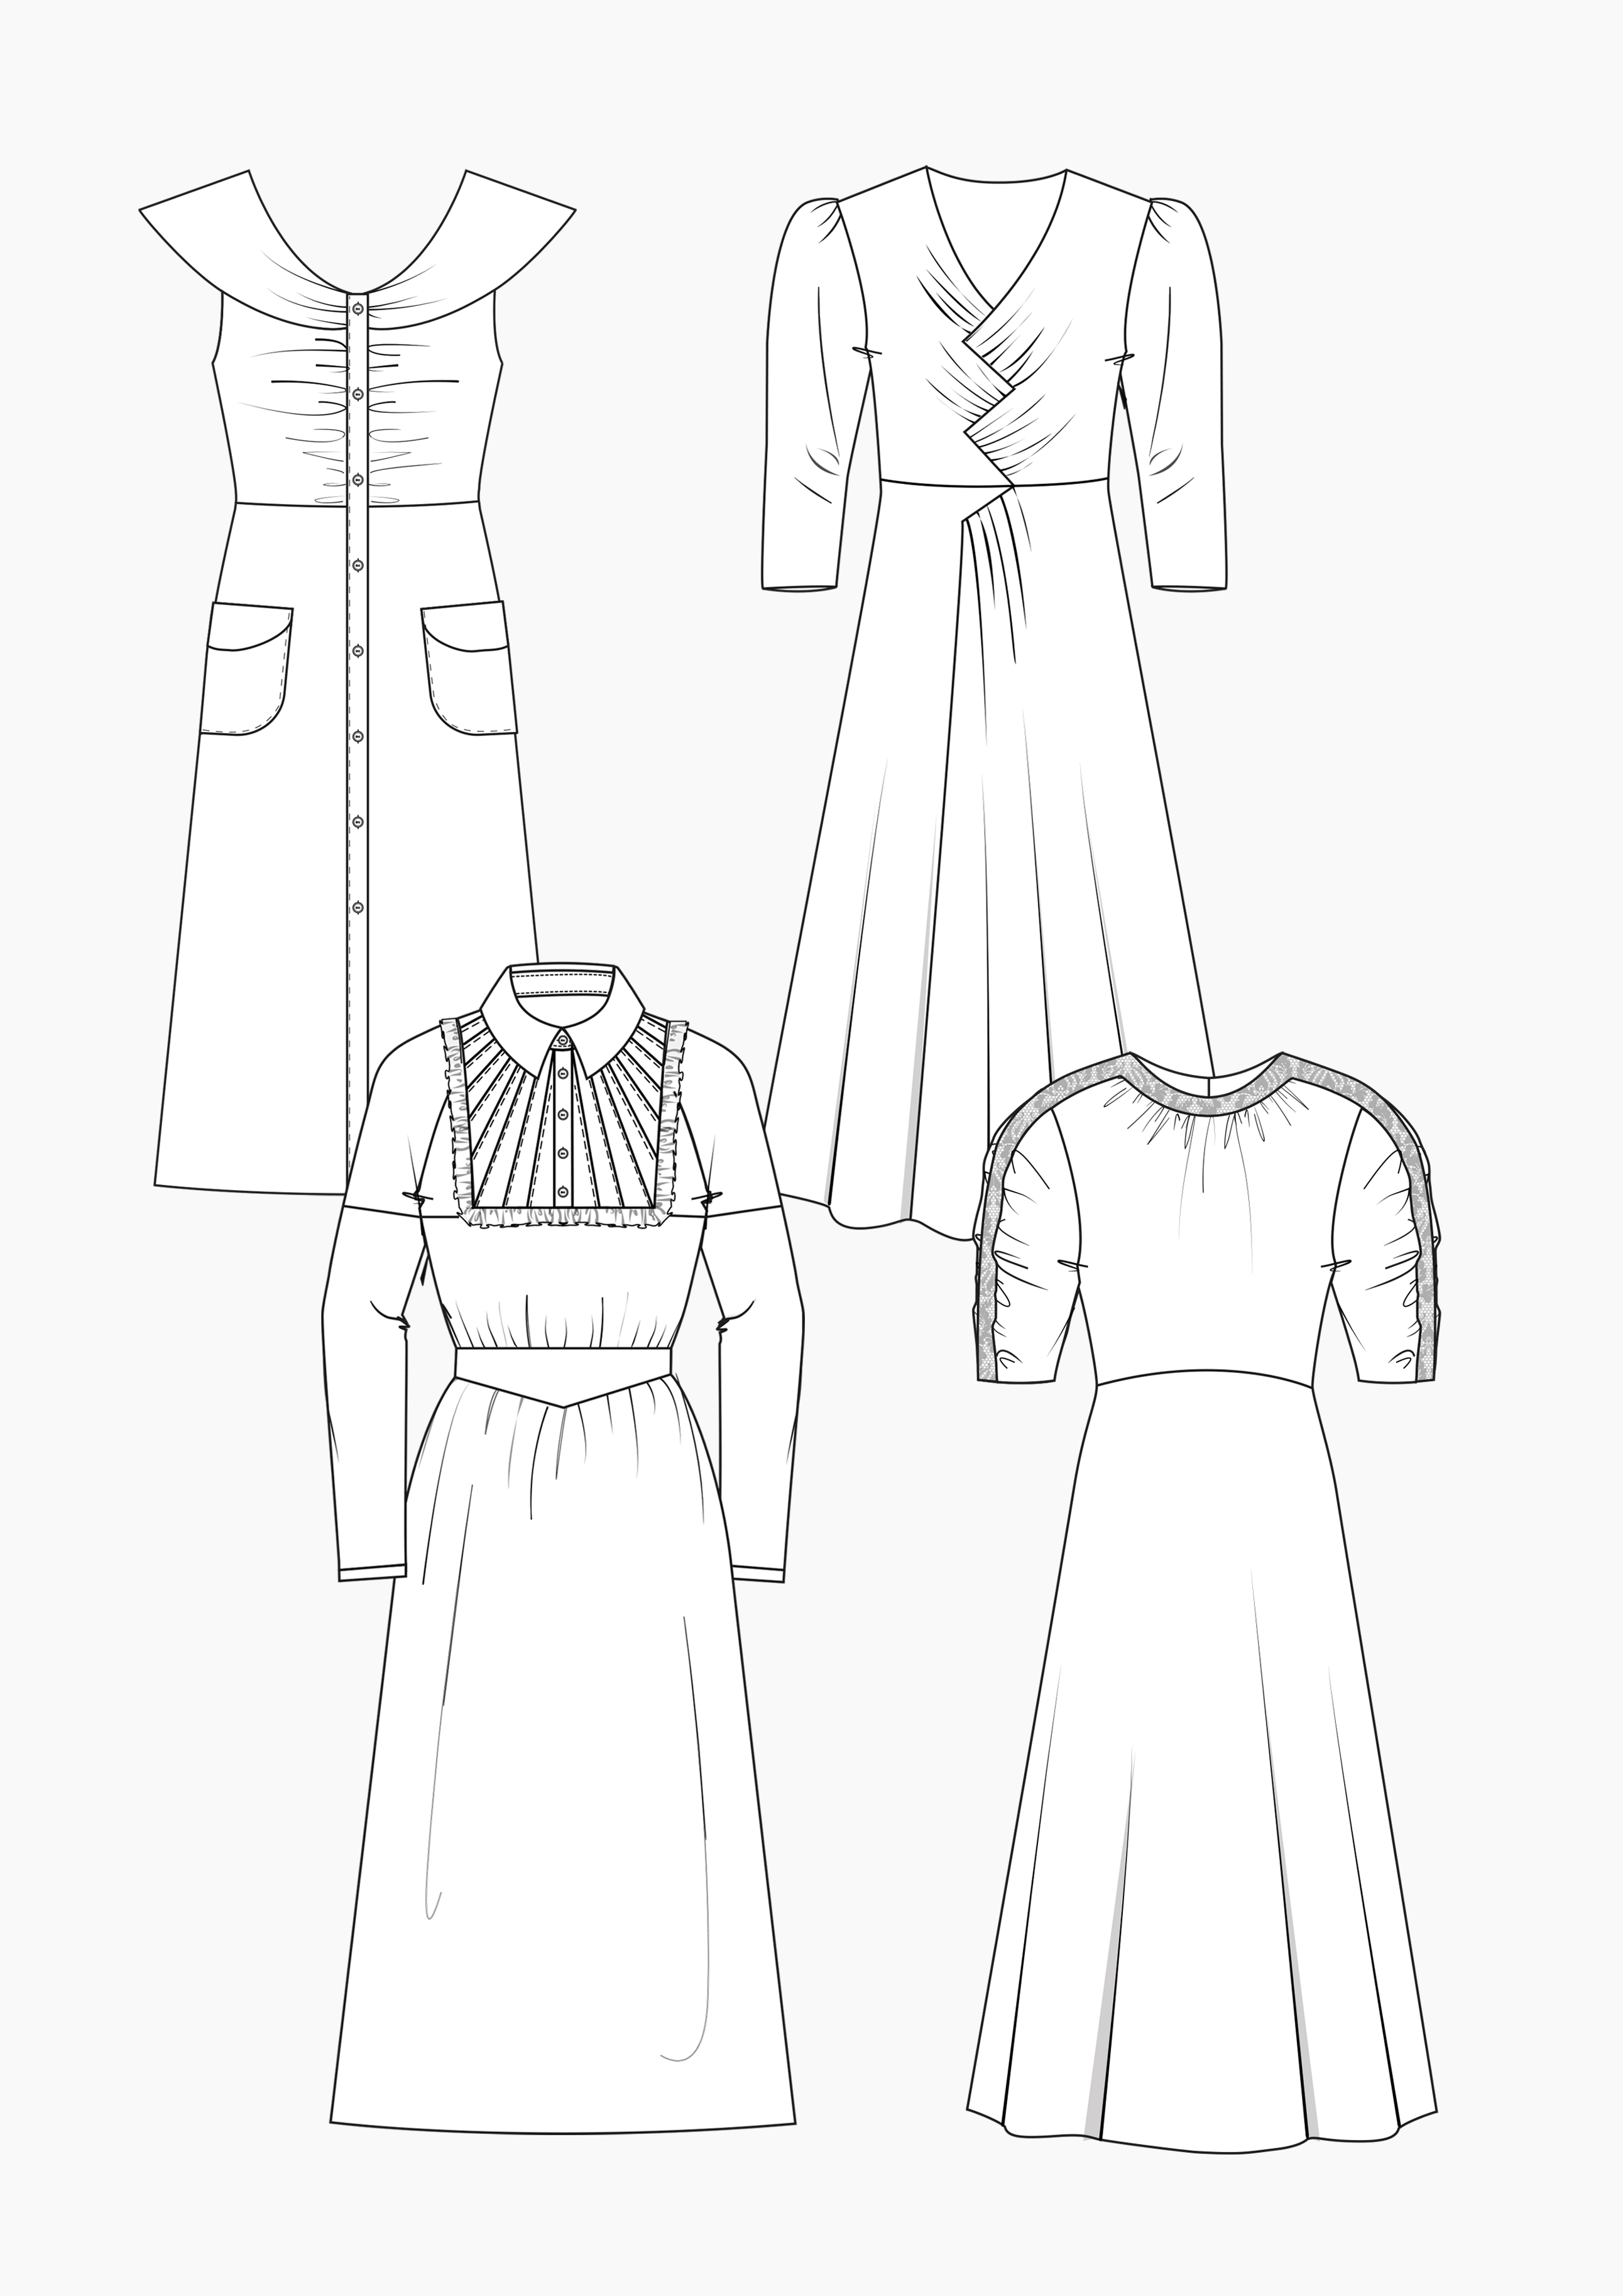 Produkt: Schnitt-Technik Kleider im Retro-Stil